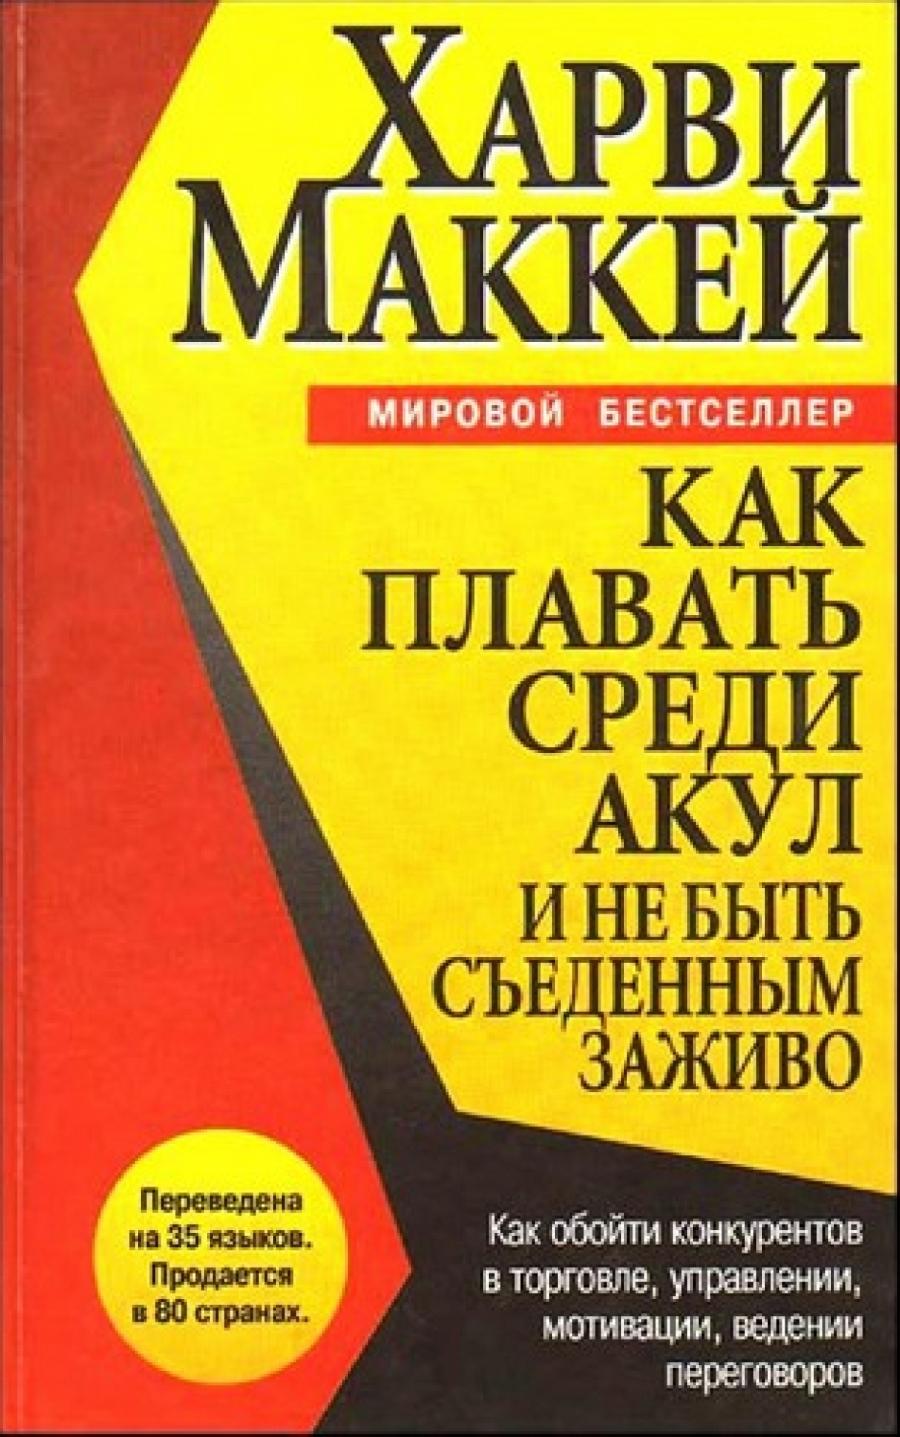 Обложка книги:  харви маккей - как плавать среди акул и не быть съеденным заживо